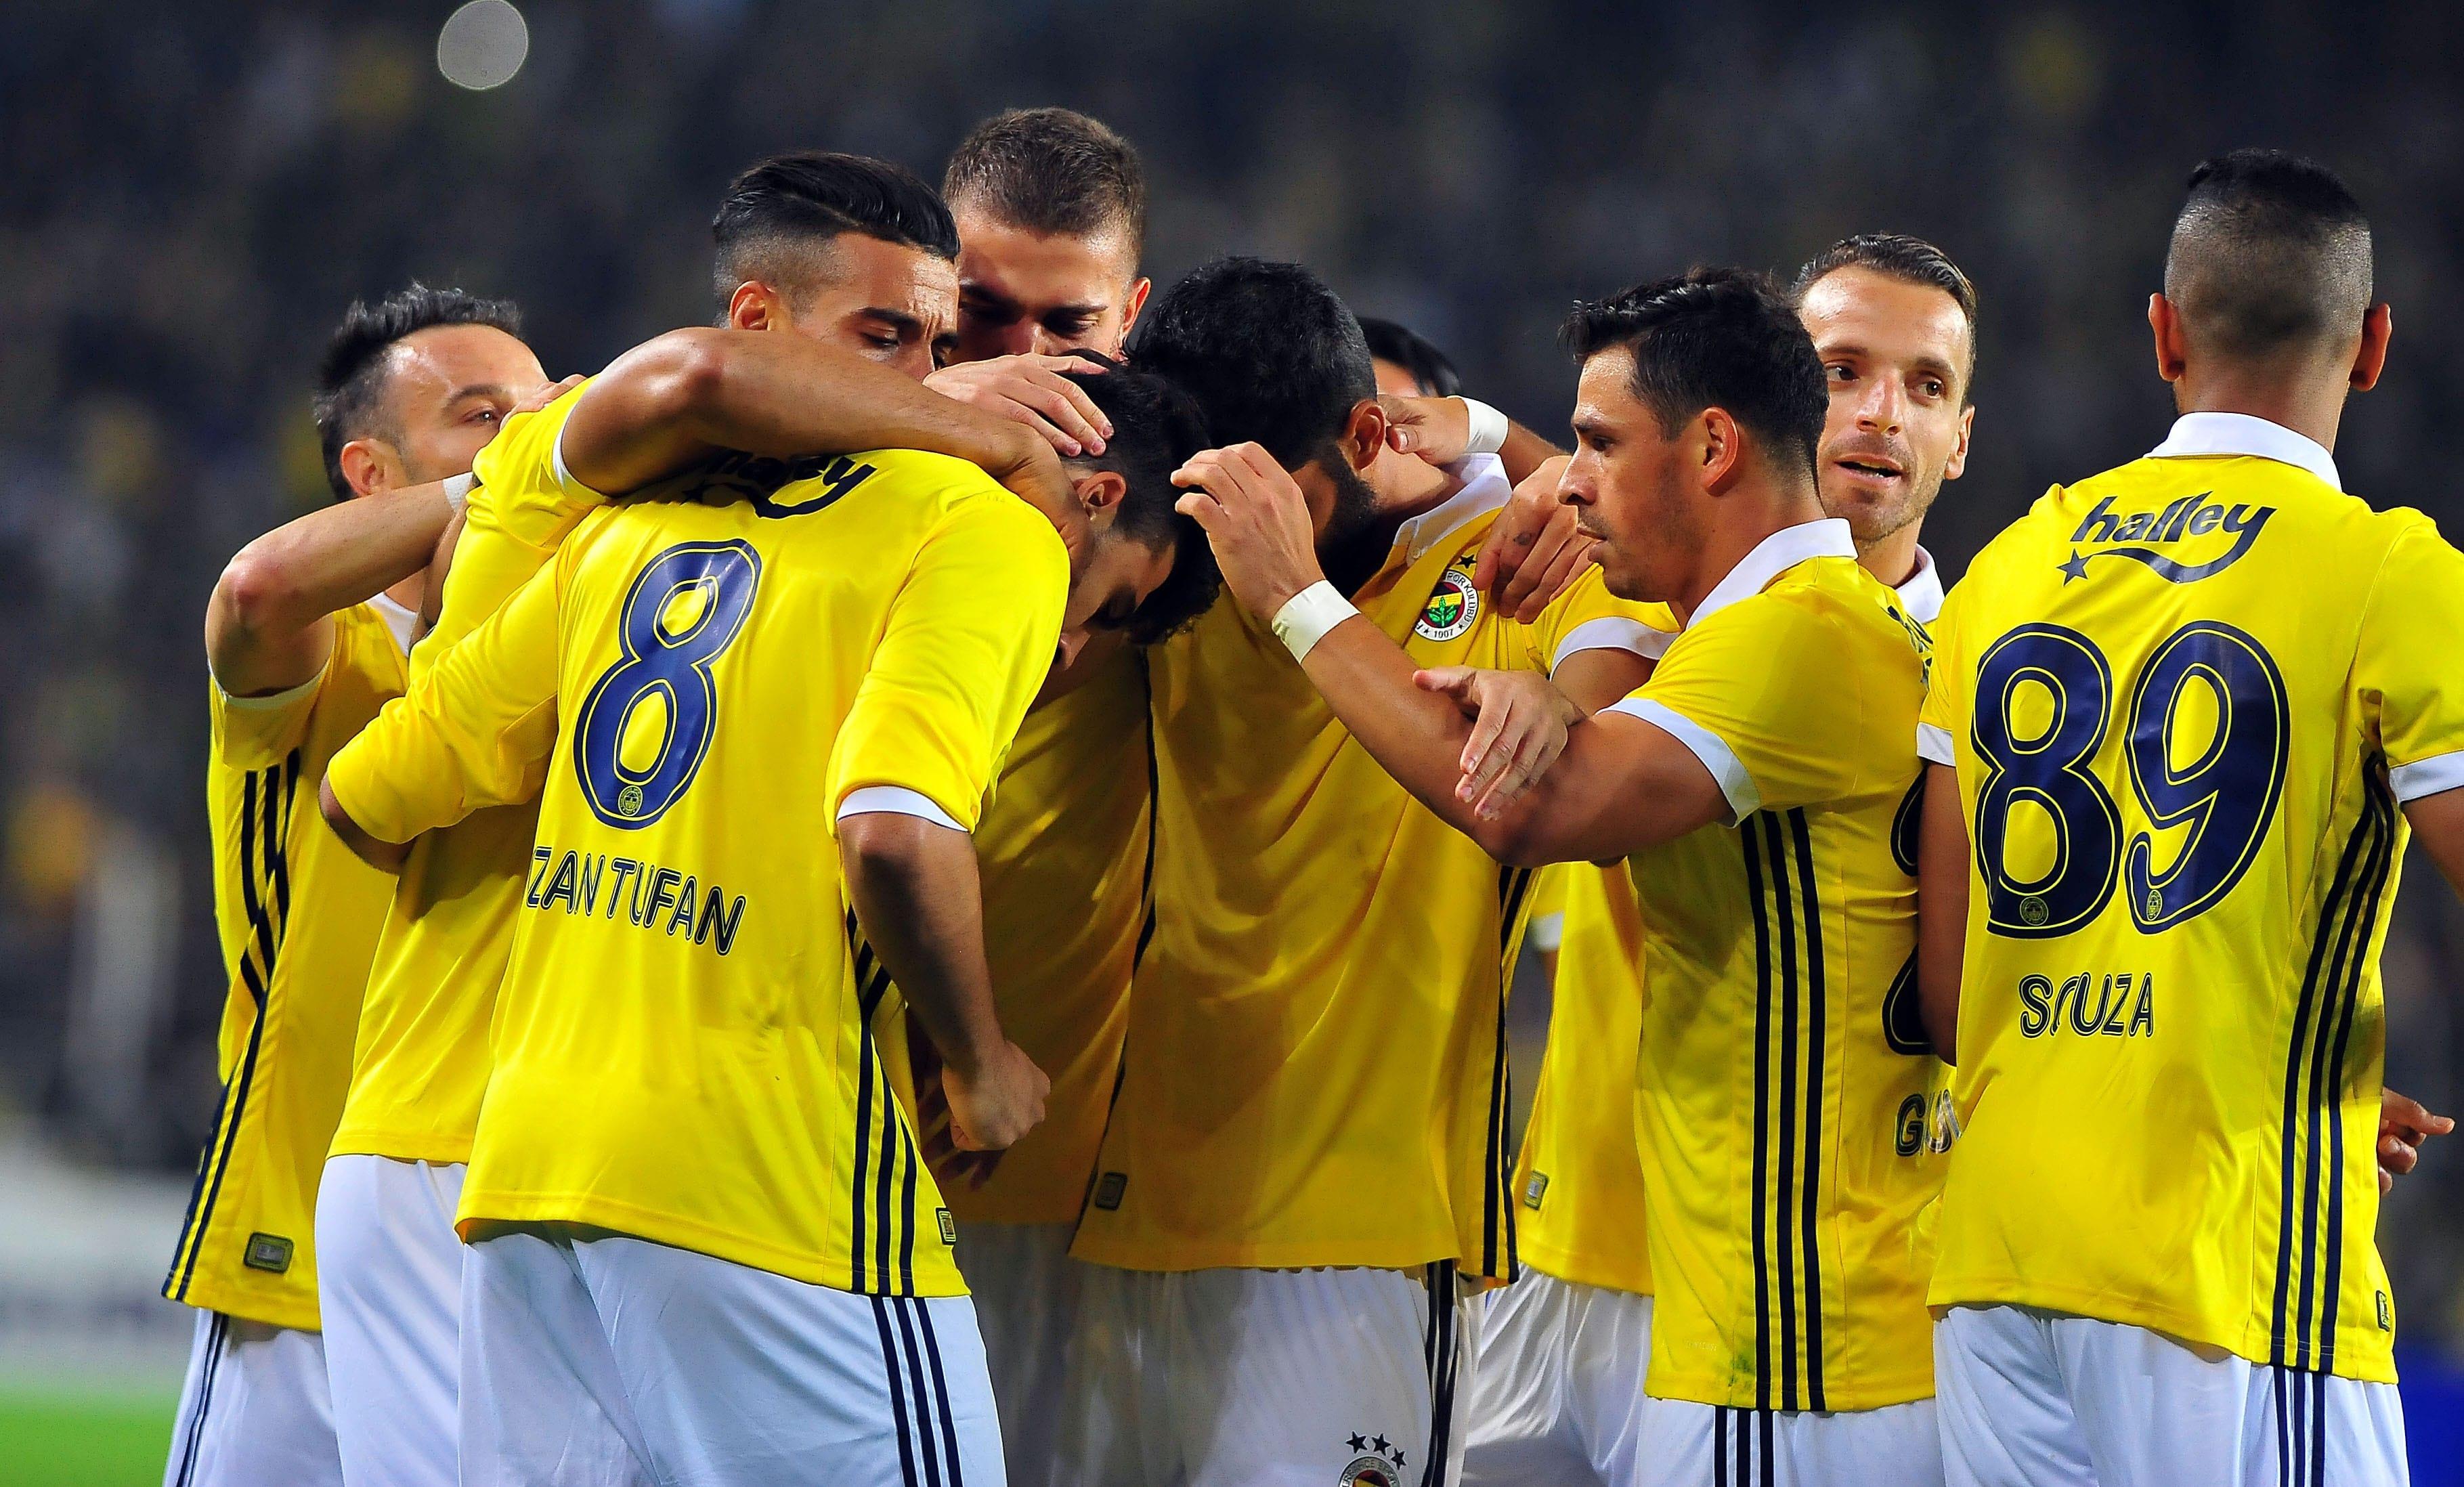 Fenerbahce vs Yeni Malatyaspor Betting Tips